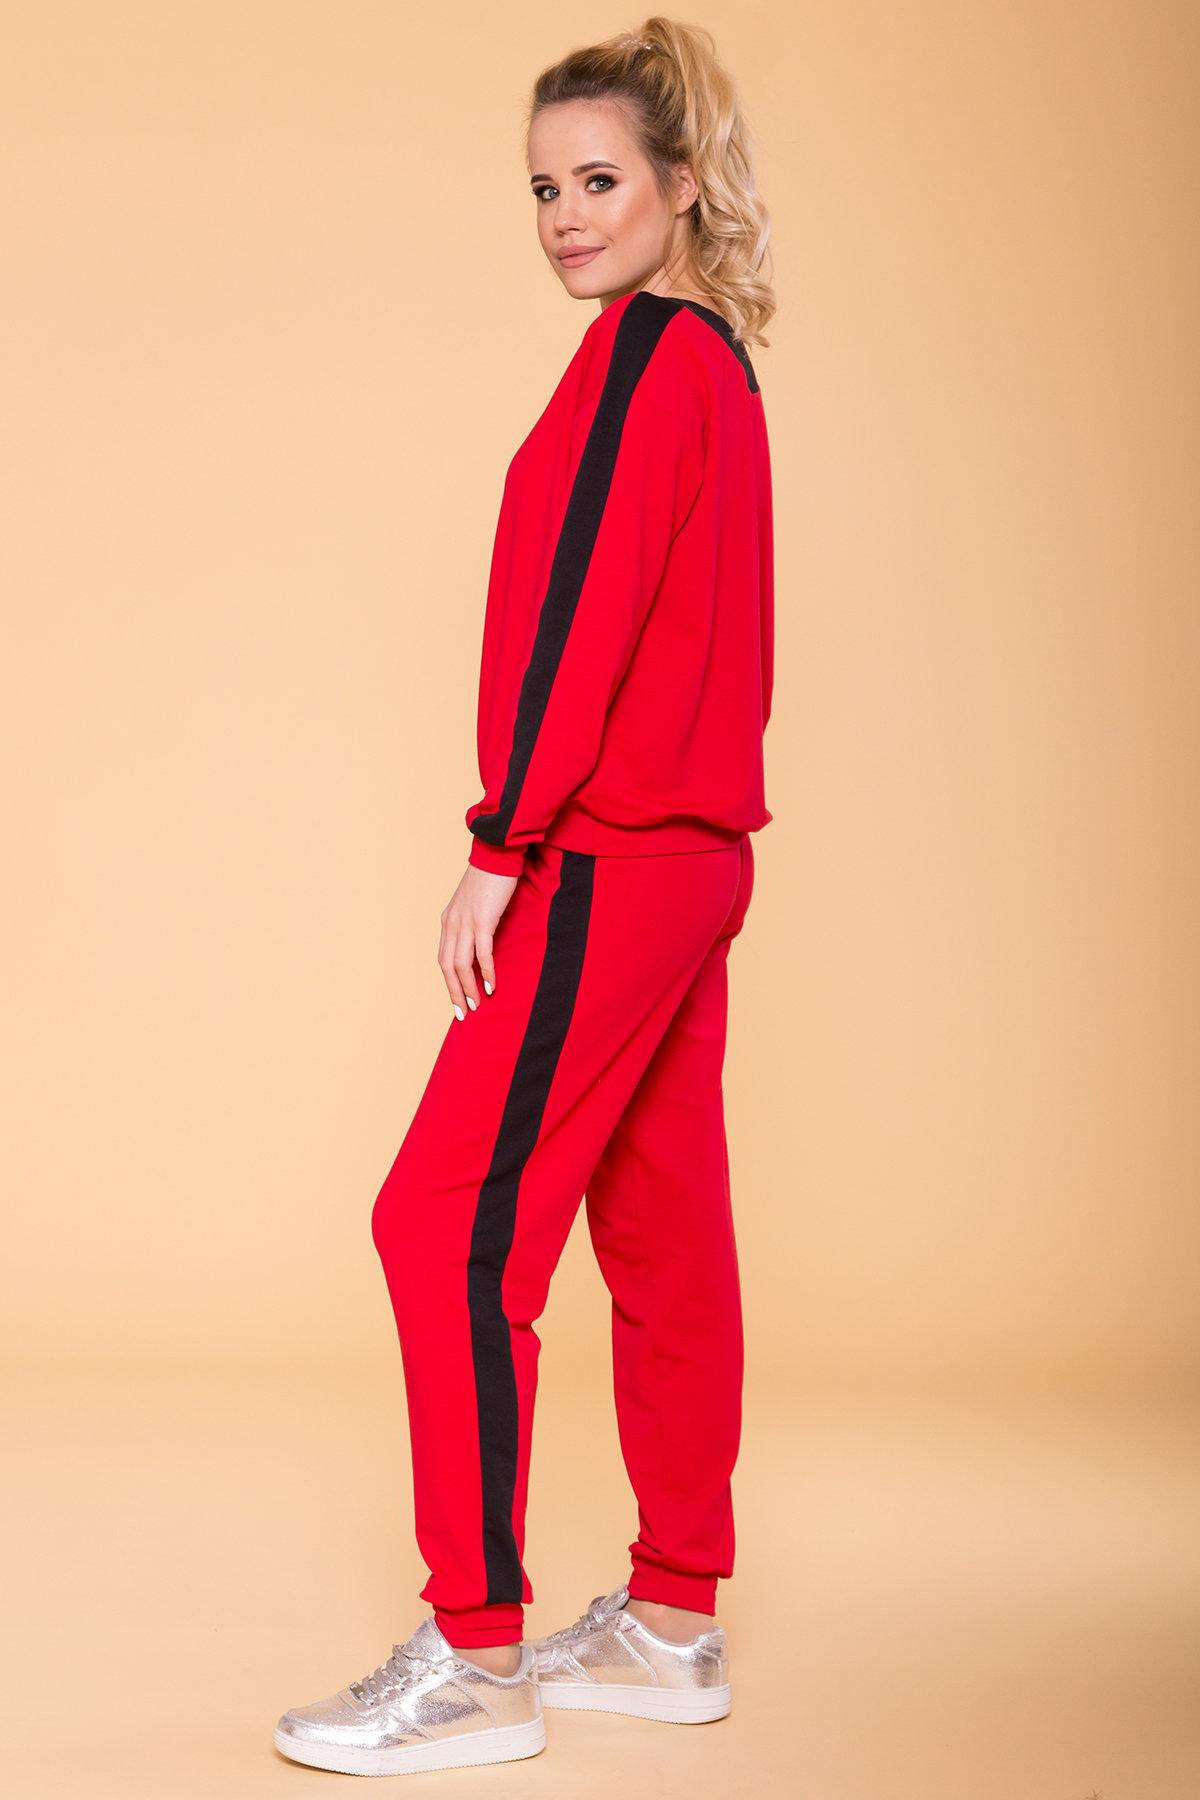 Костюм Стай 6736 АРТ. 41812 Цвет: Красный/черный - фото 2, интернет магазин tm-modus.ru